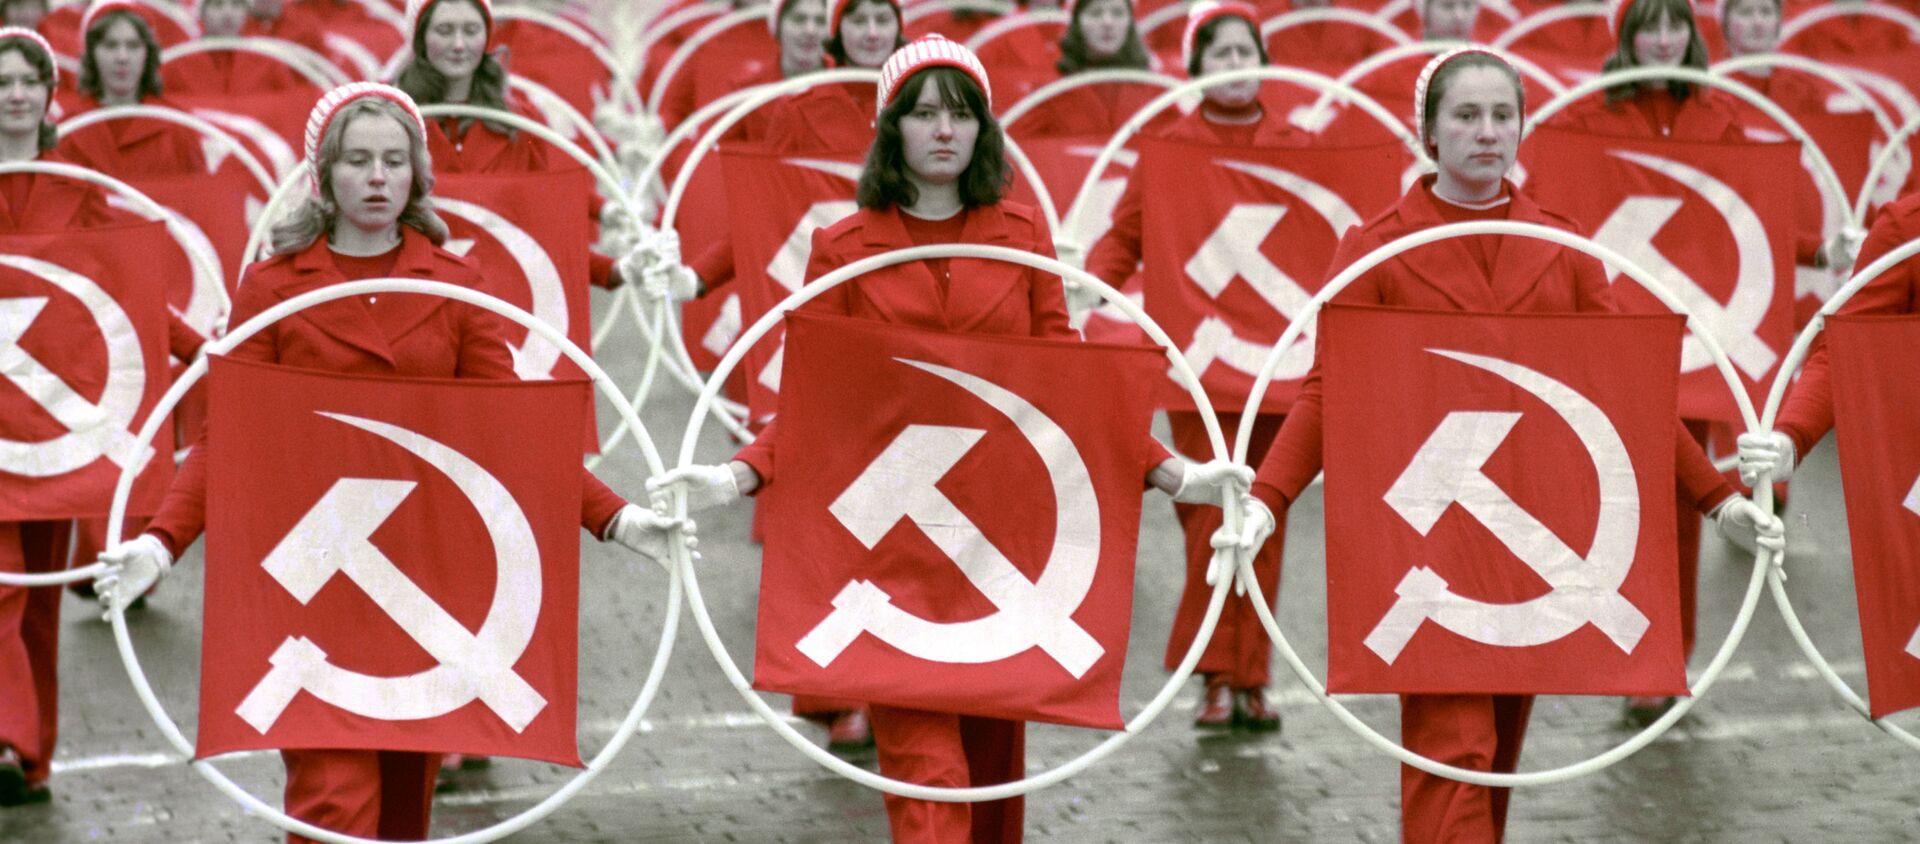 Rocznica rewolucji październikowej, ZSRR - Sputnik Polska, 1920, 05.06.2021